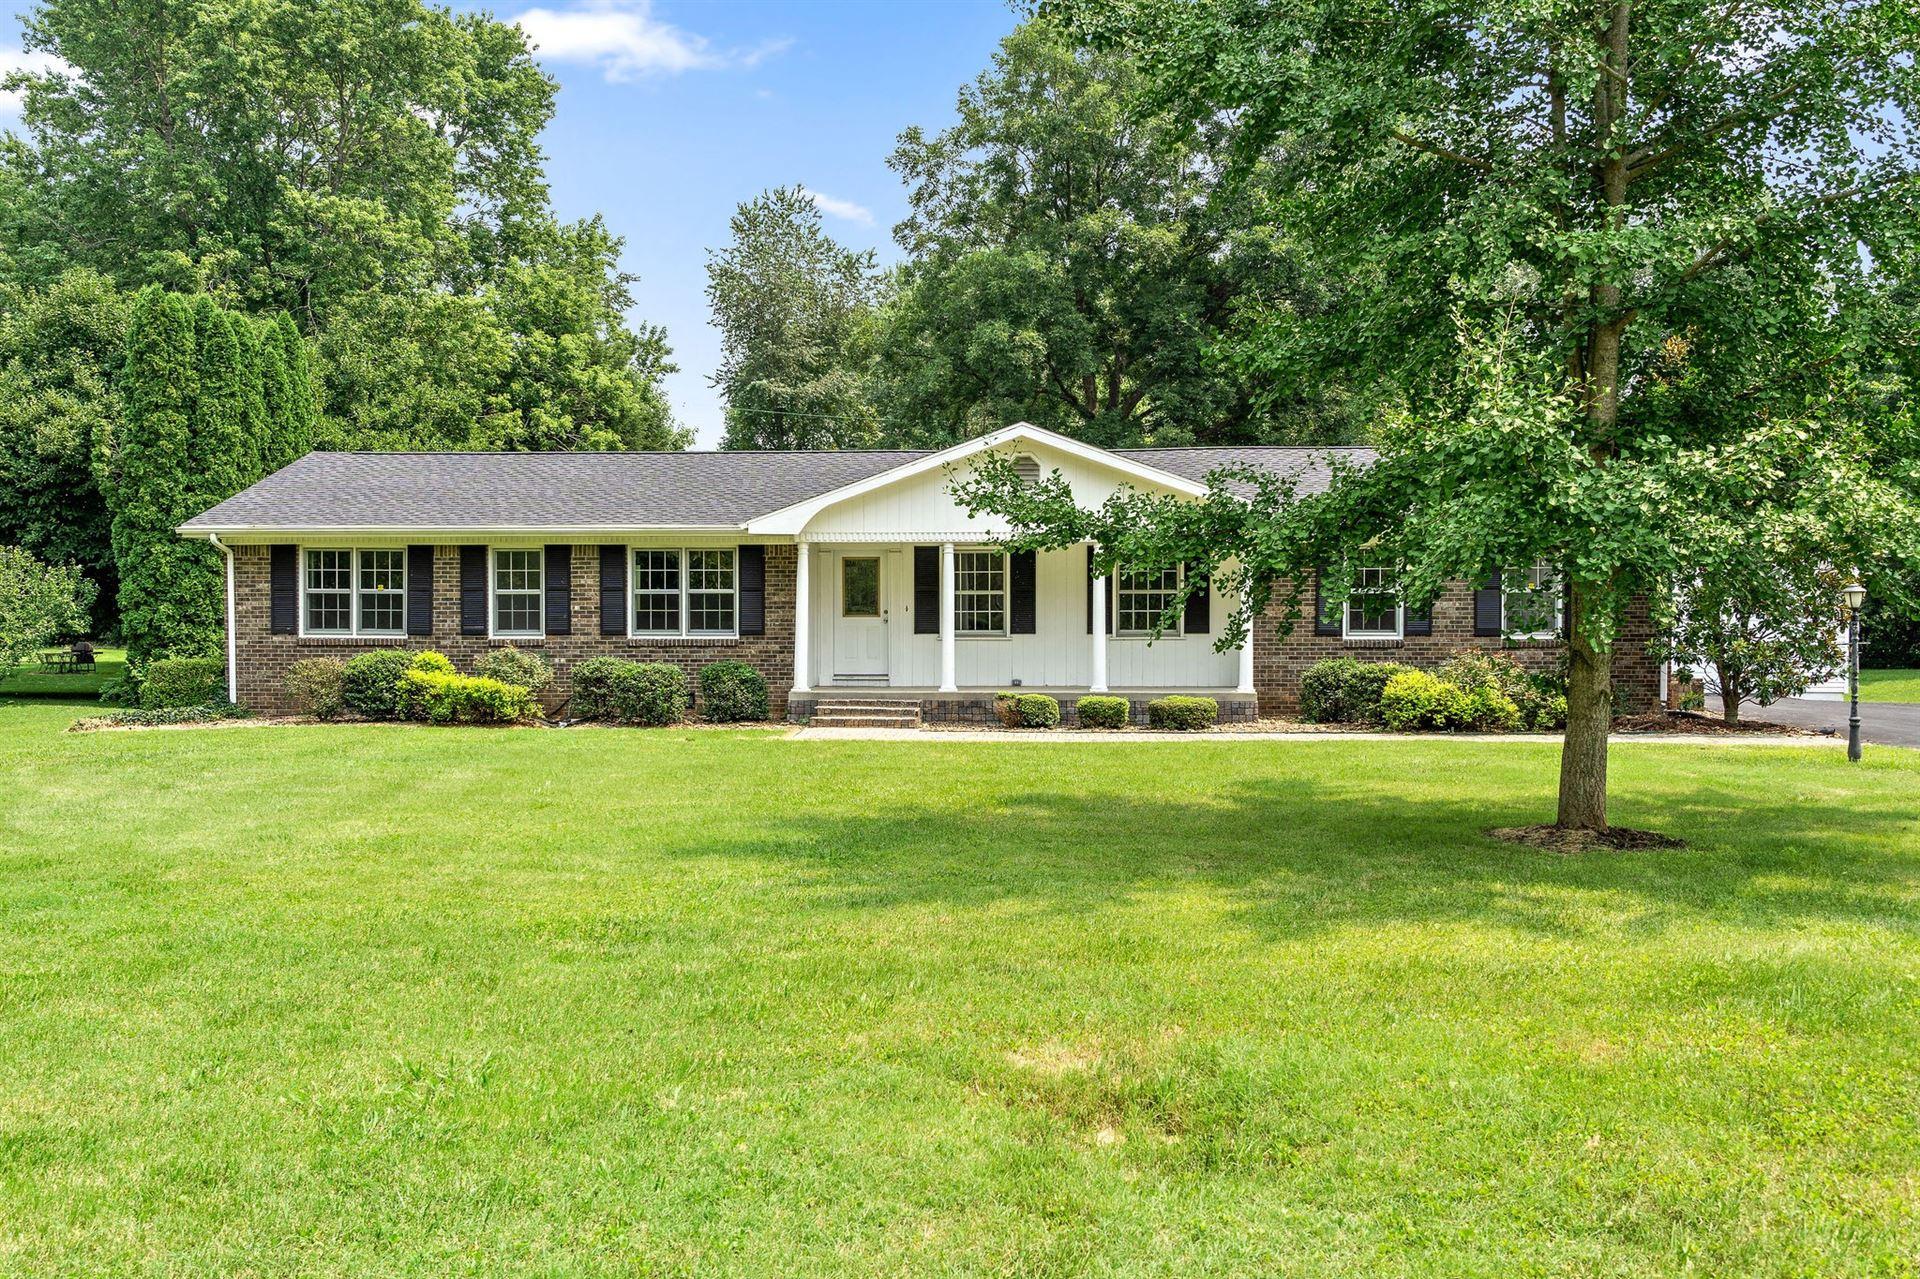 2708 Cox Mill Rd, Hopkinsville, KY 42240 - MLS#: 2275214